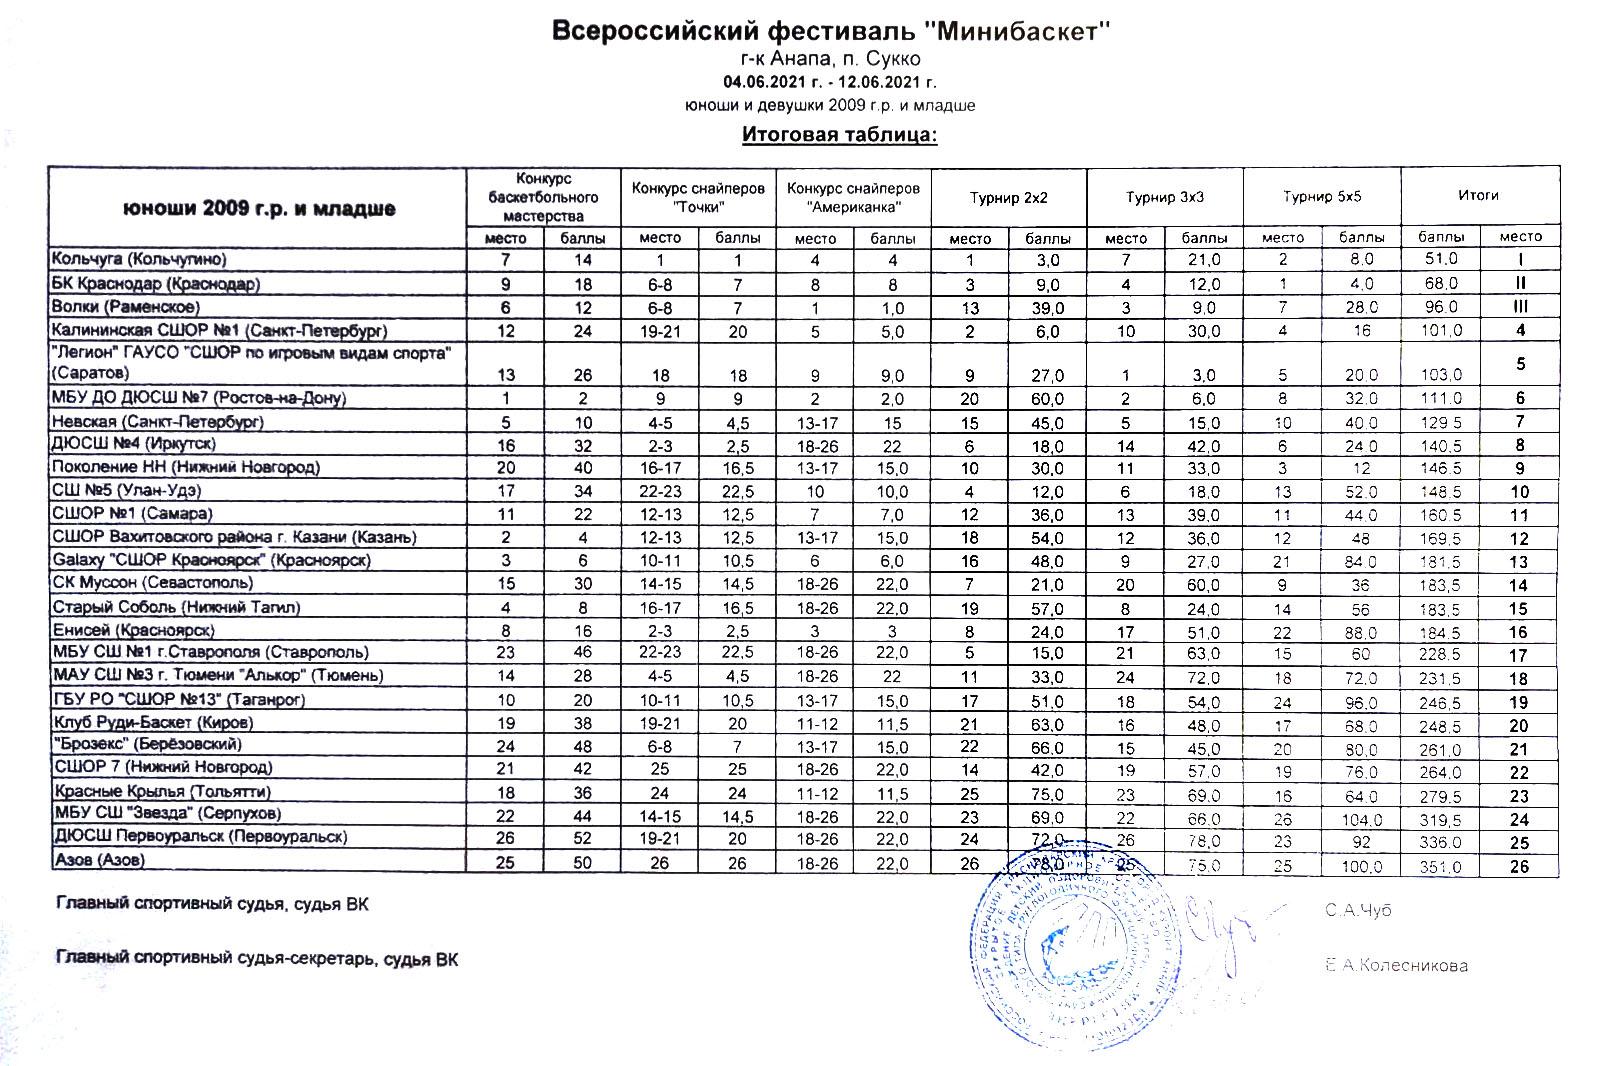 Итоговая таблица фестиваля Минибаскет РФБ'09, 12.06.2021